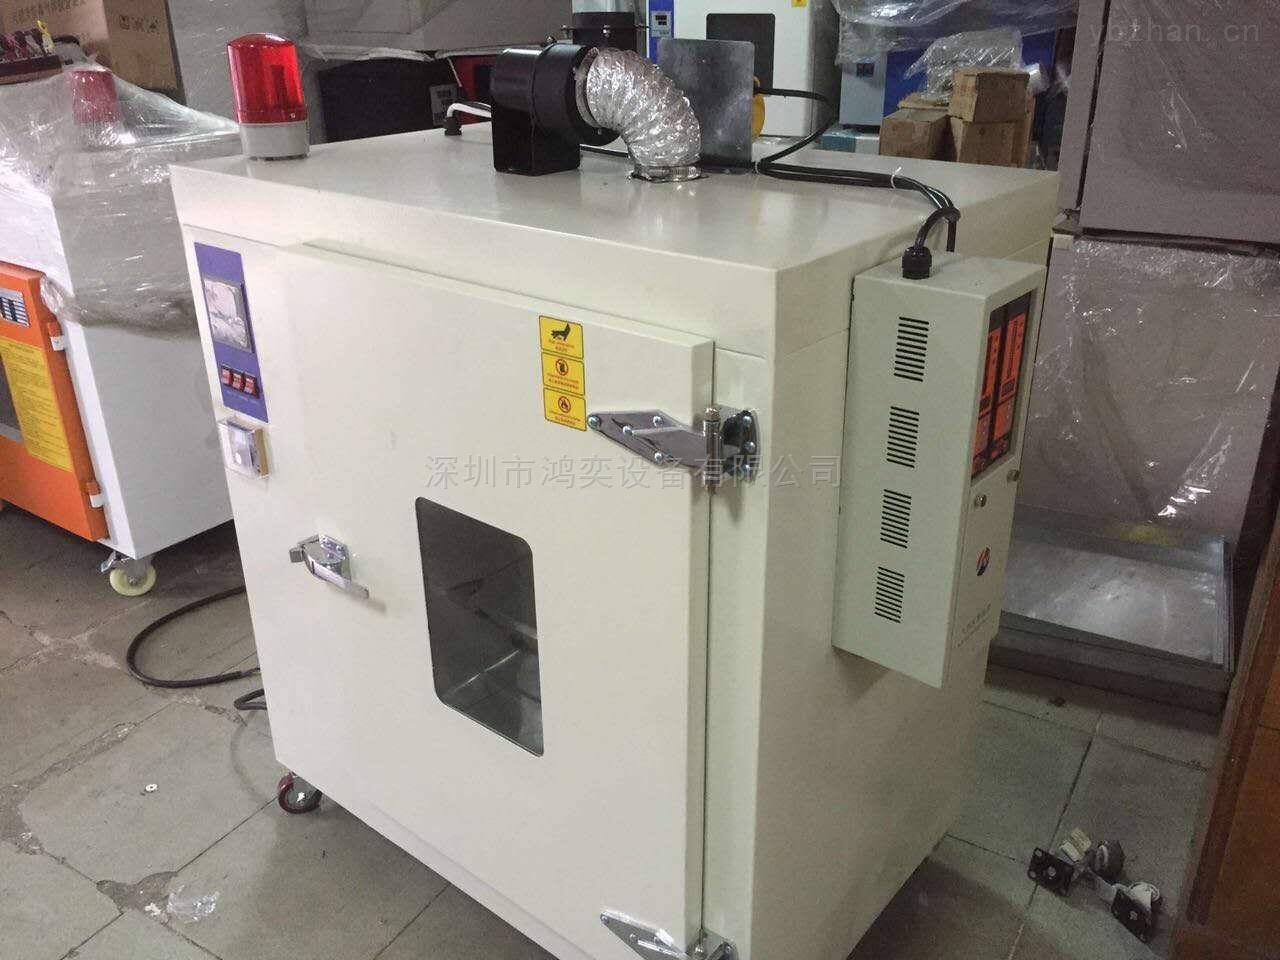 HYYHK-1230-电热不锈钢烘烤箱双门工业大型高温烤箱